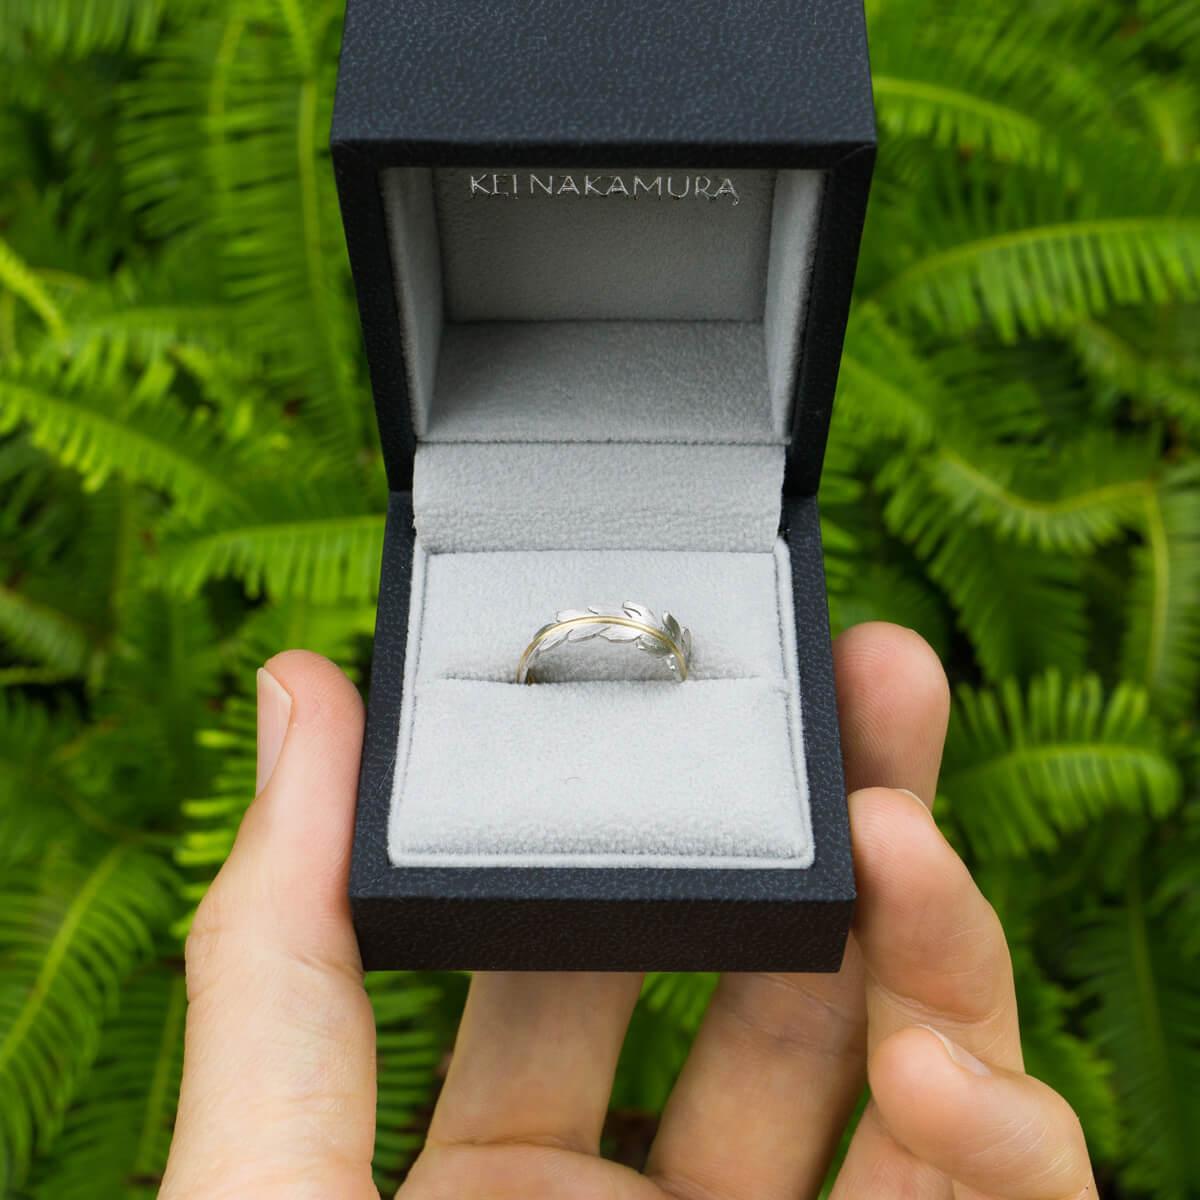 ケースの中、オーダーメイドエンゲージリング 屋久島のシダモチーフ 屋久島のシダバック プラチナ、ゴールド 屋久島でつくる結婚指輪